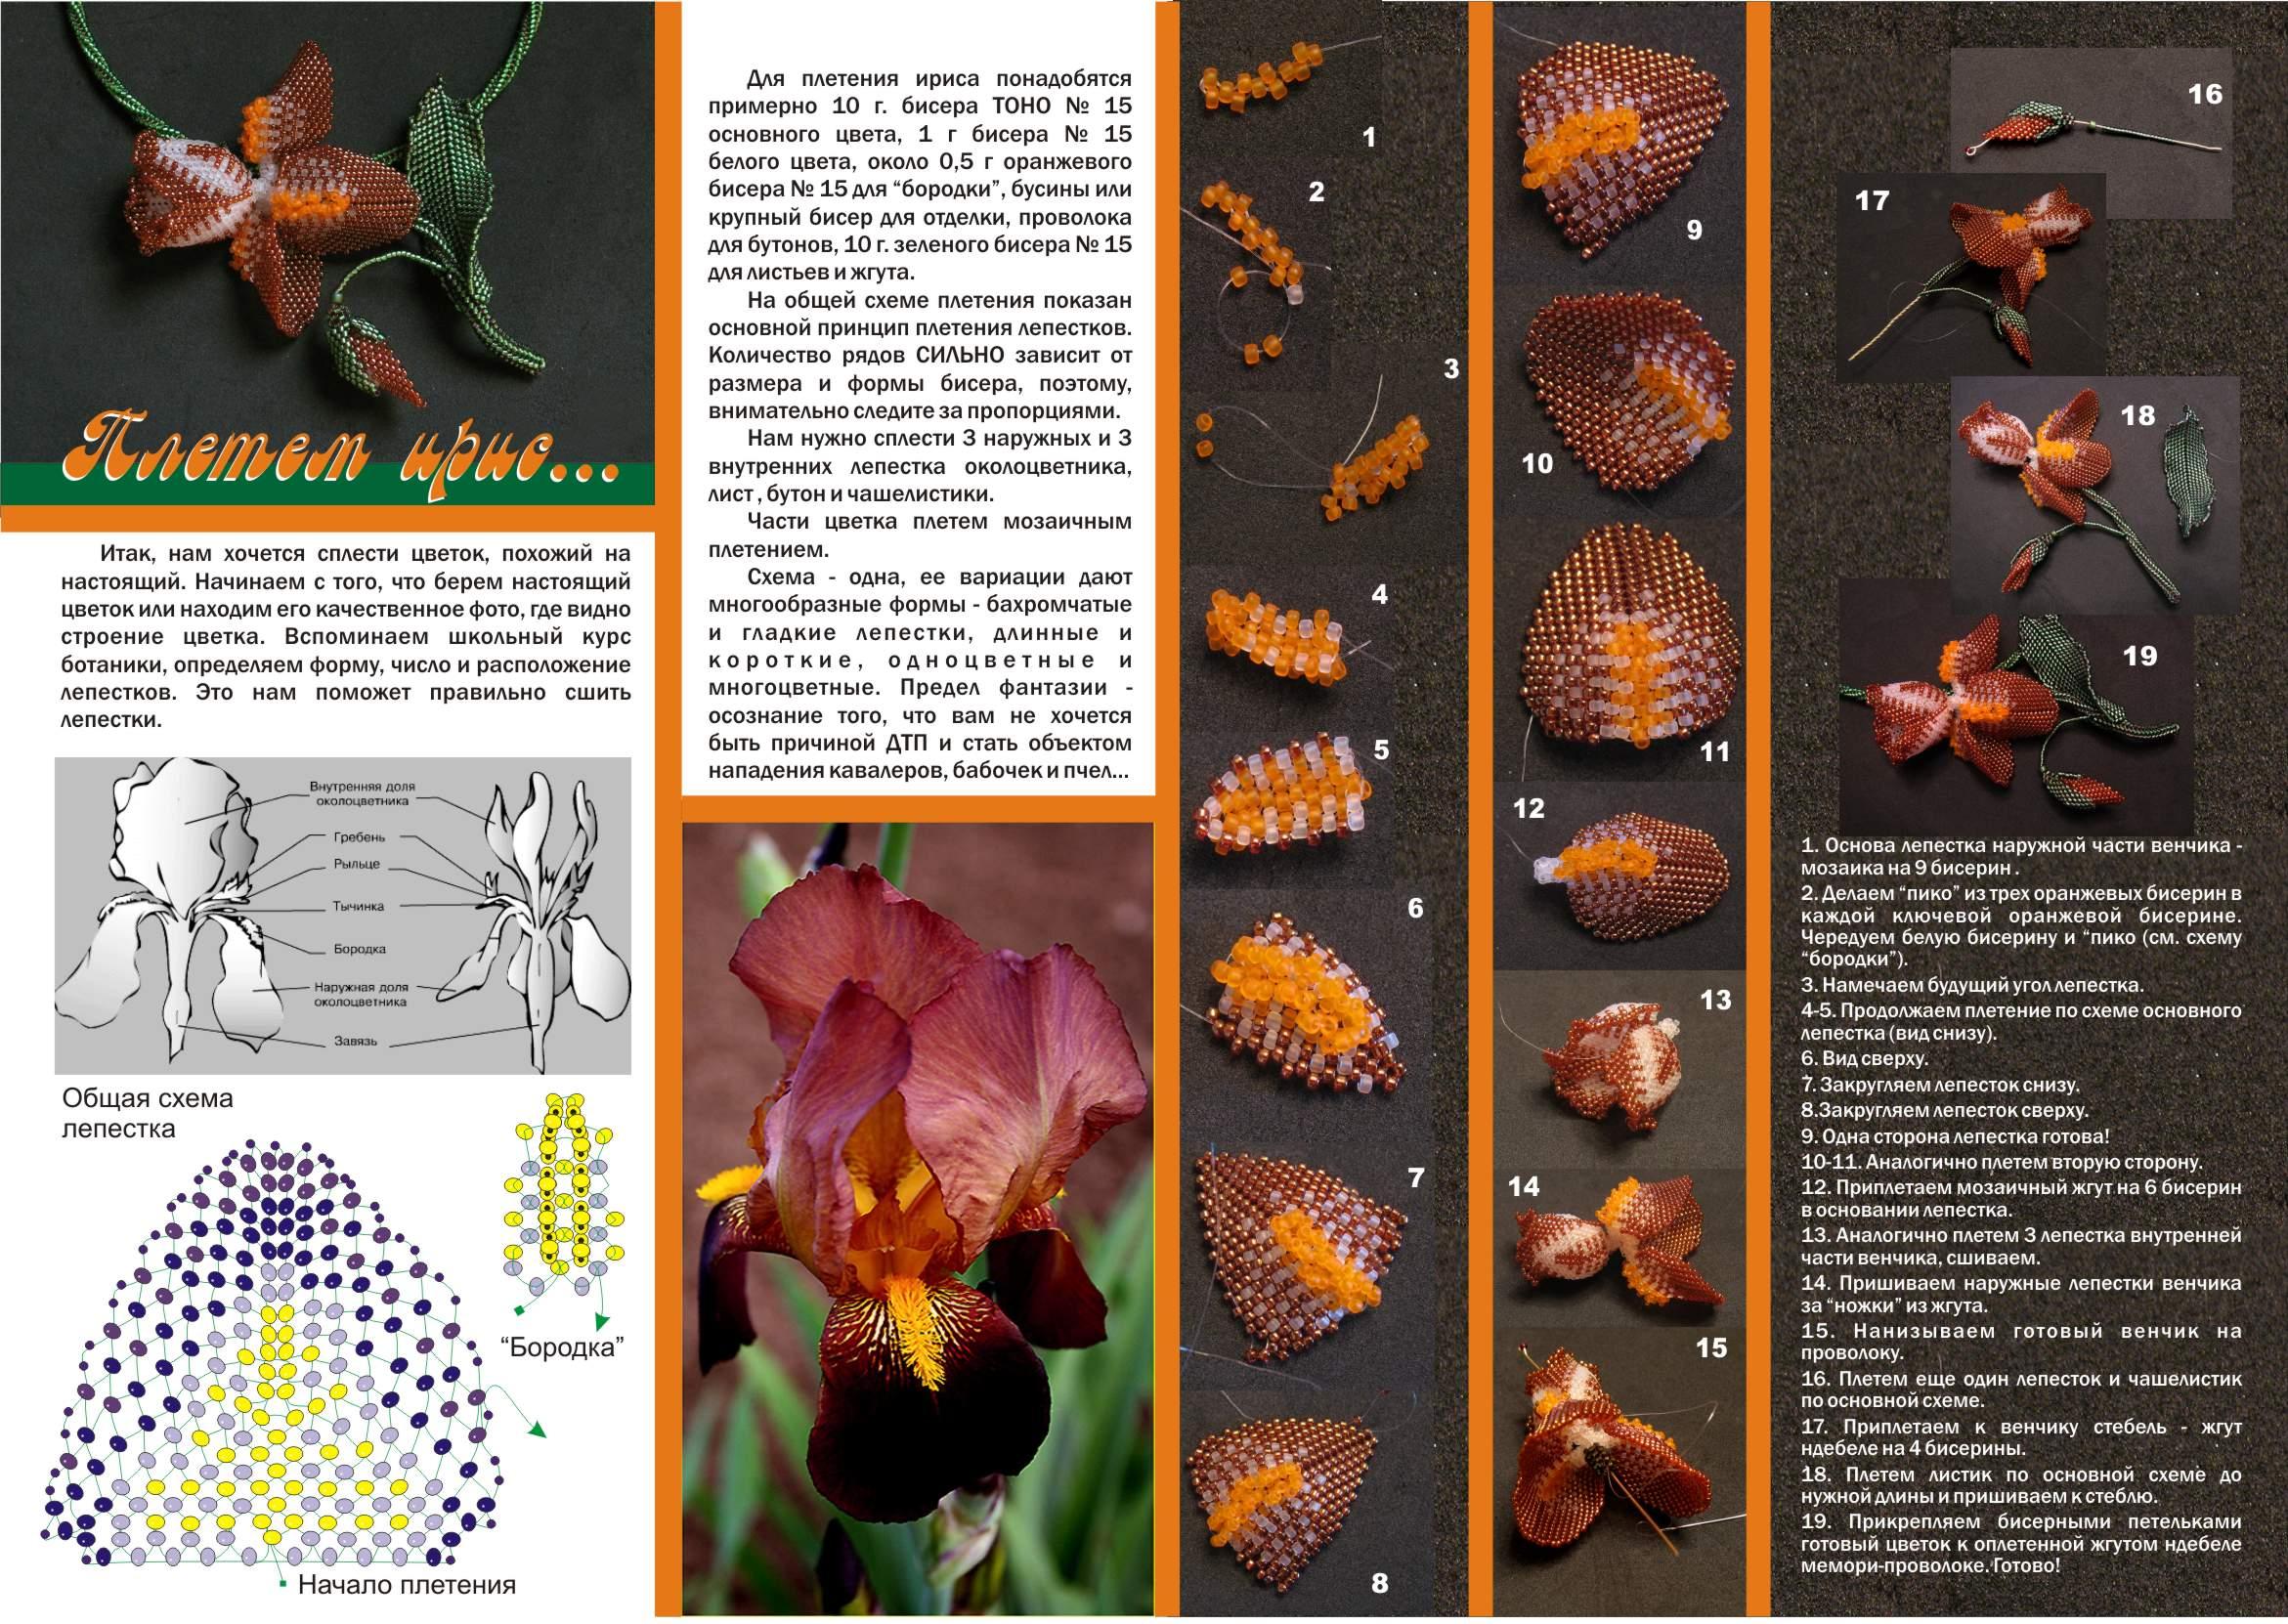 мазь и капсулы троксевазин цена. из бисера орхидеи подробно схему.